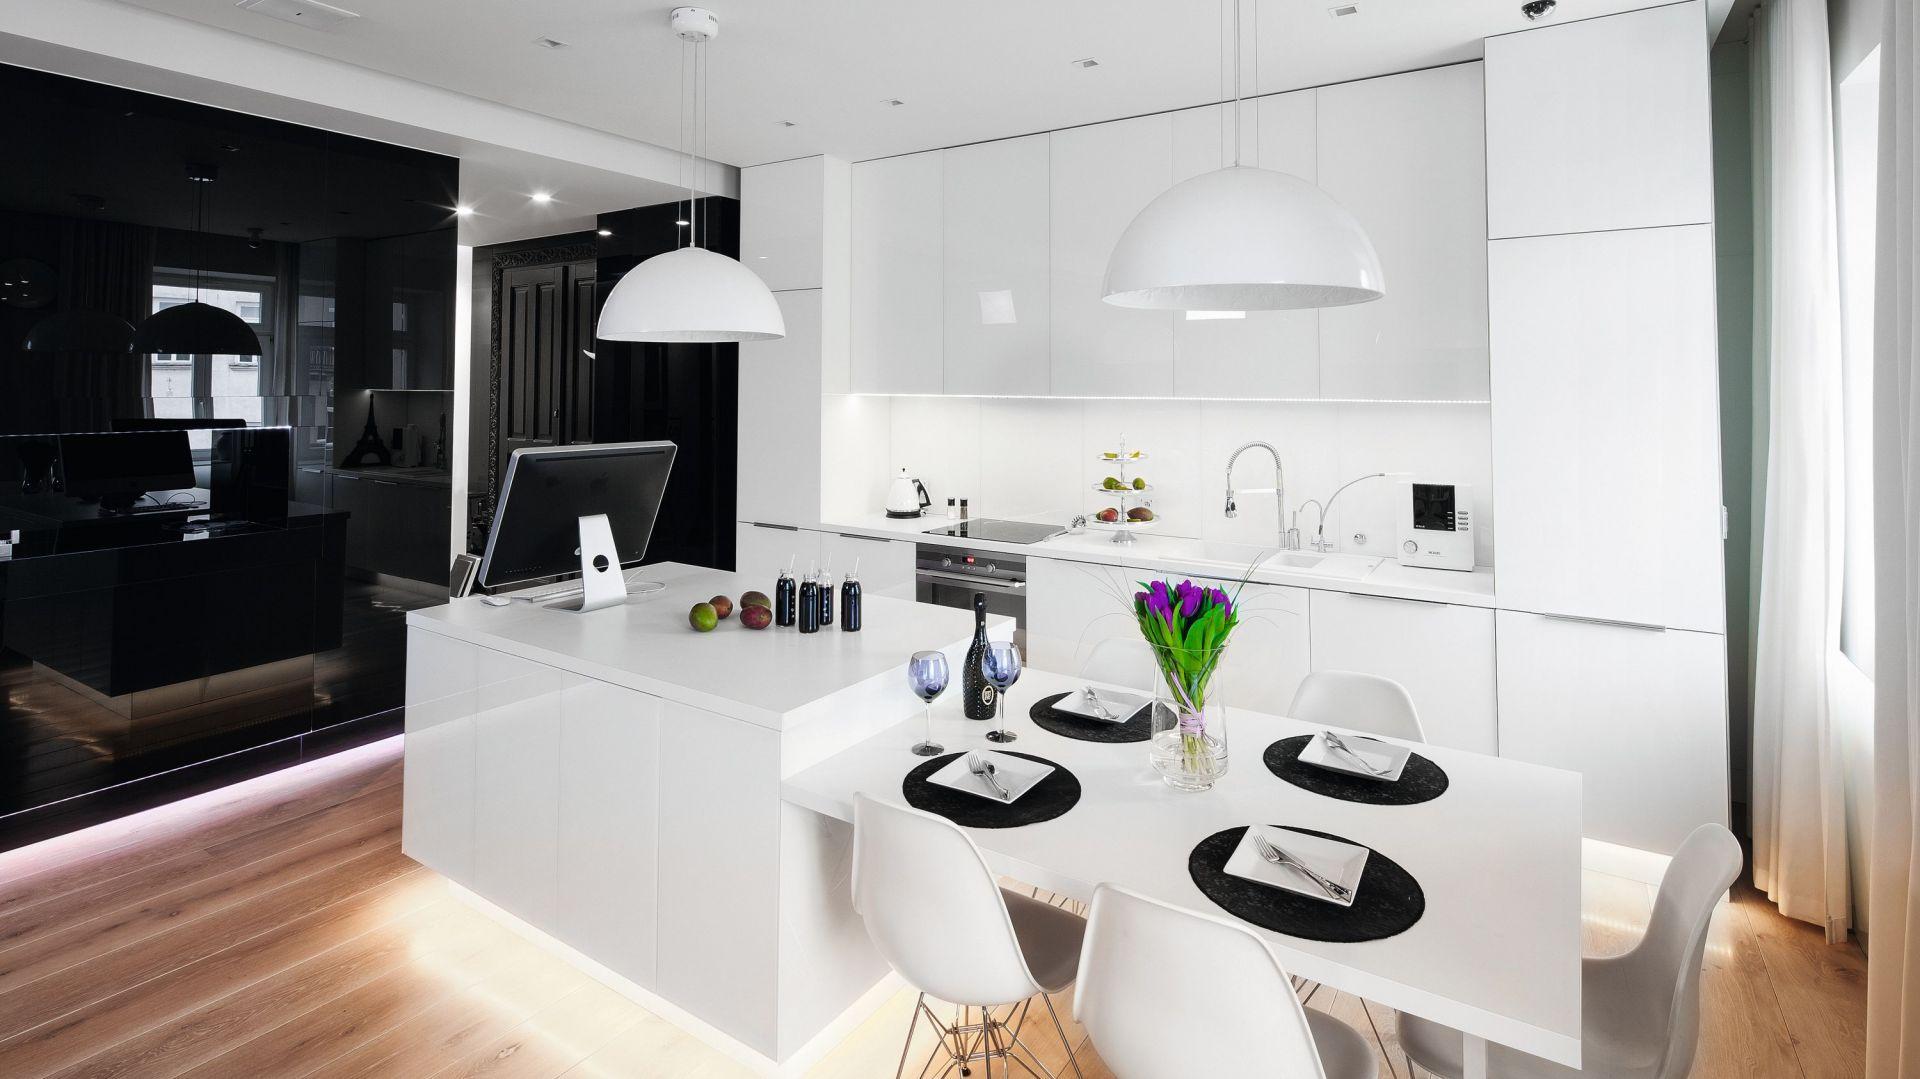 Świetny pomysł na urządzenie kuchnie w biało-czarnej kolorystyce. Projekt: Małgorzata Muc, Joanna Scott. Fot. Bartosz Jarosz